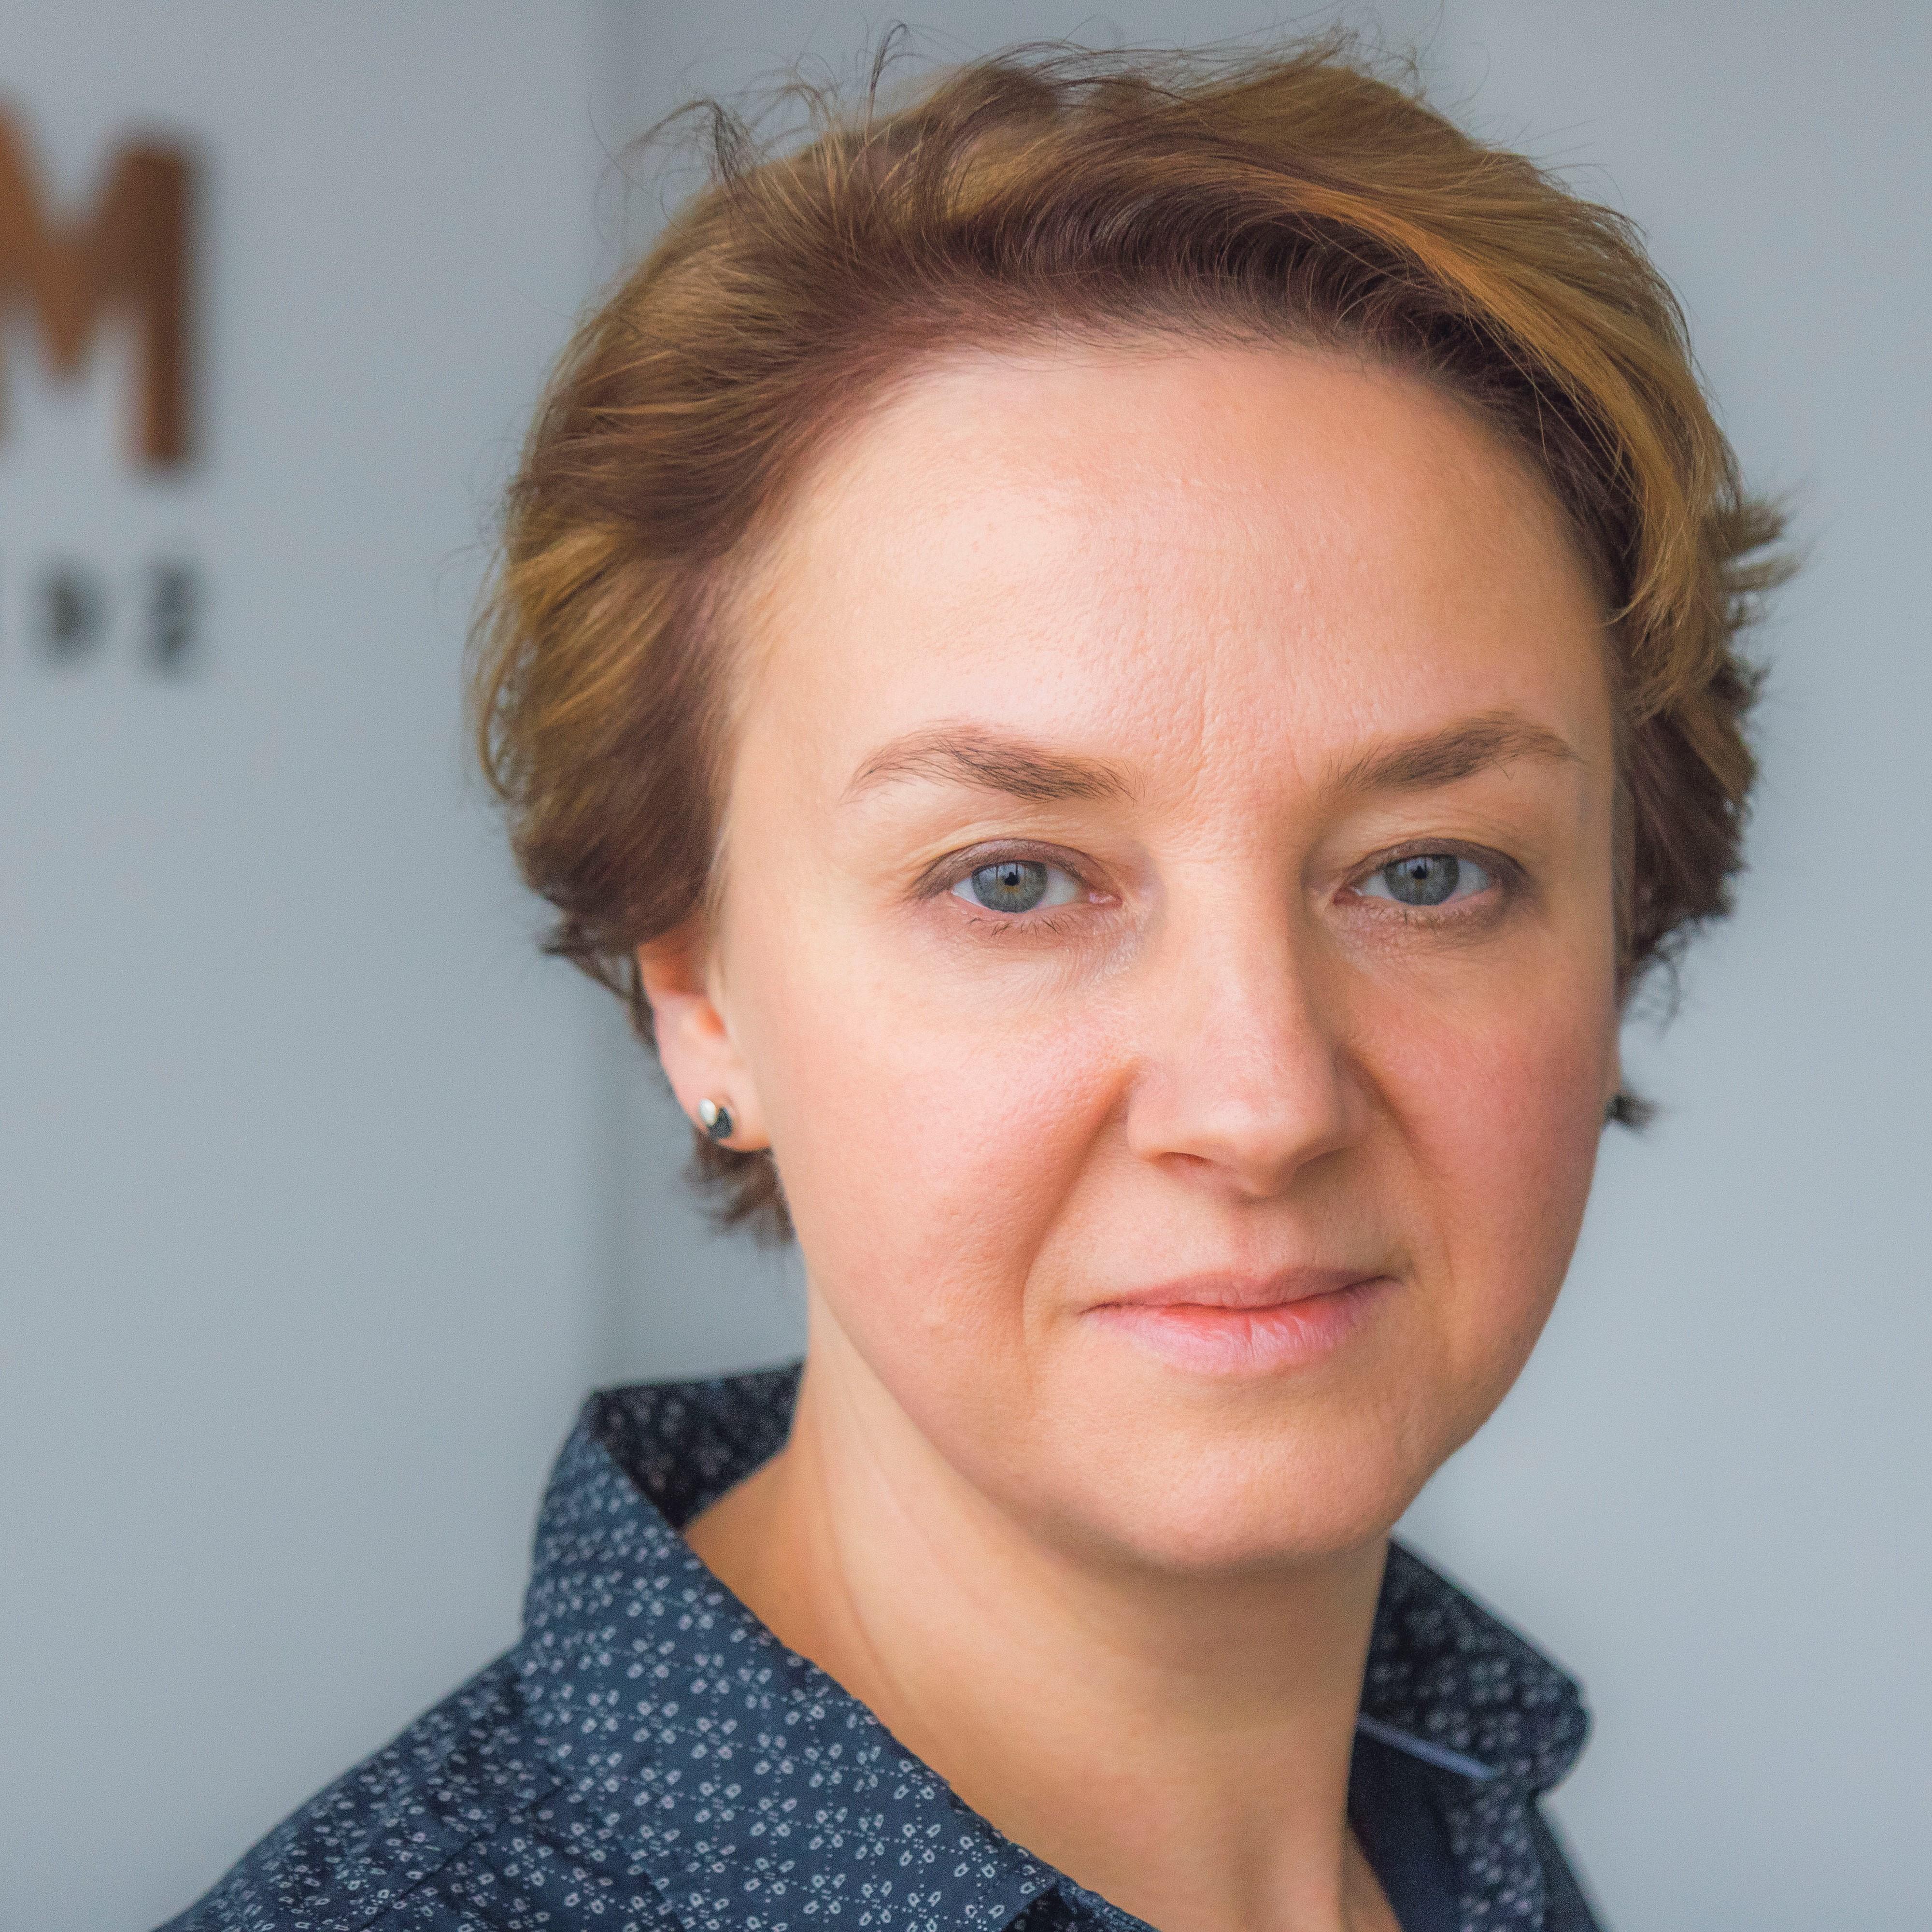 Agnieszka Kontny